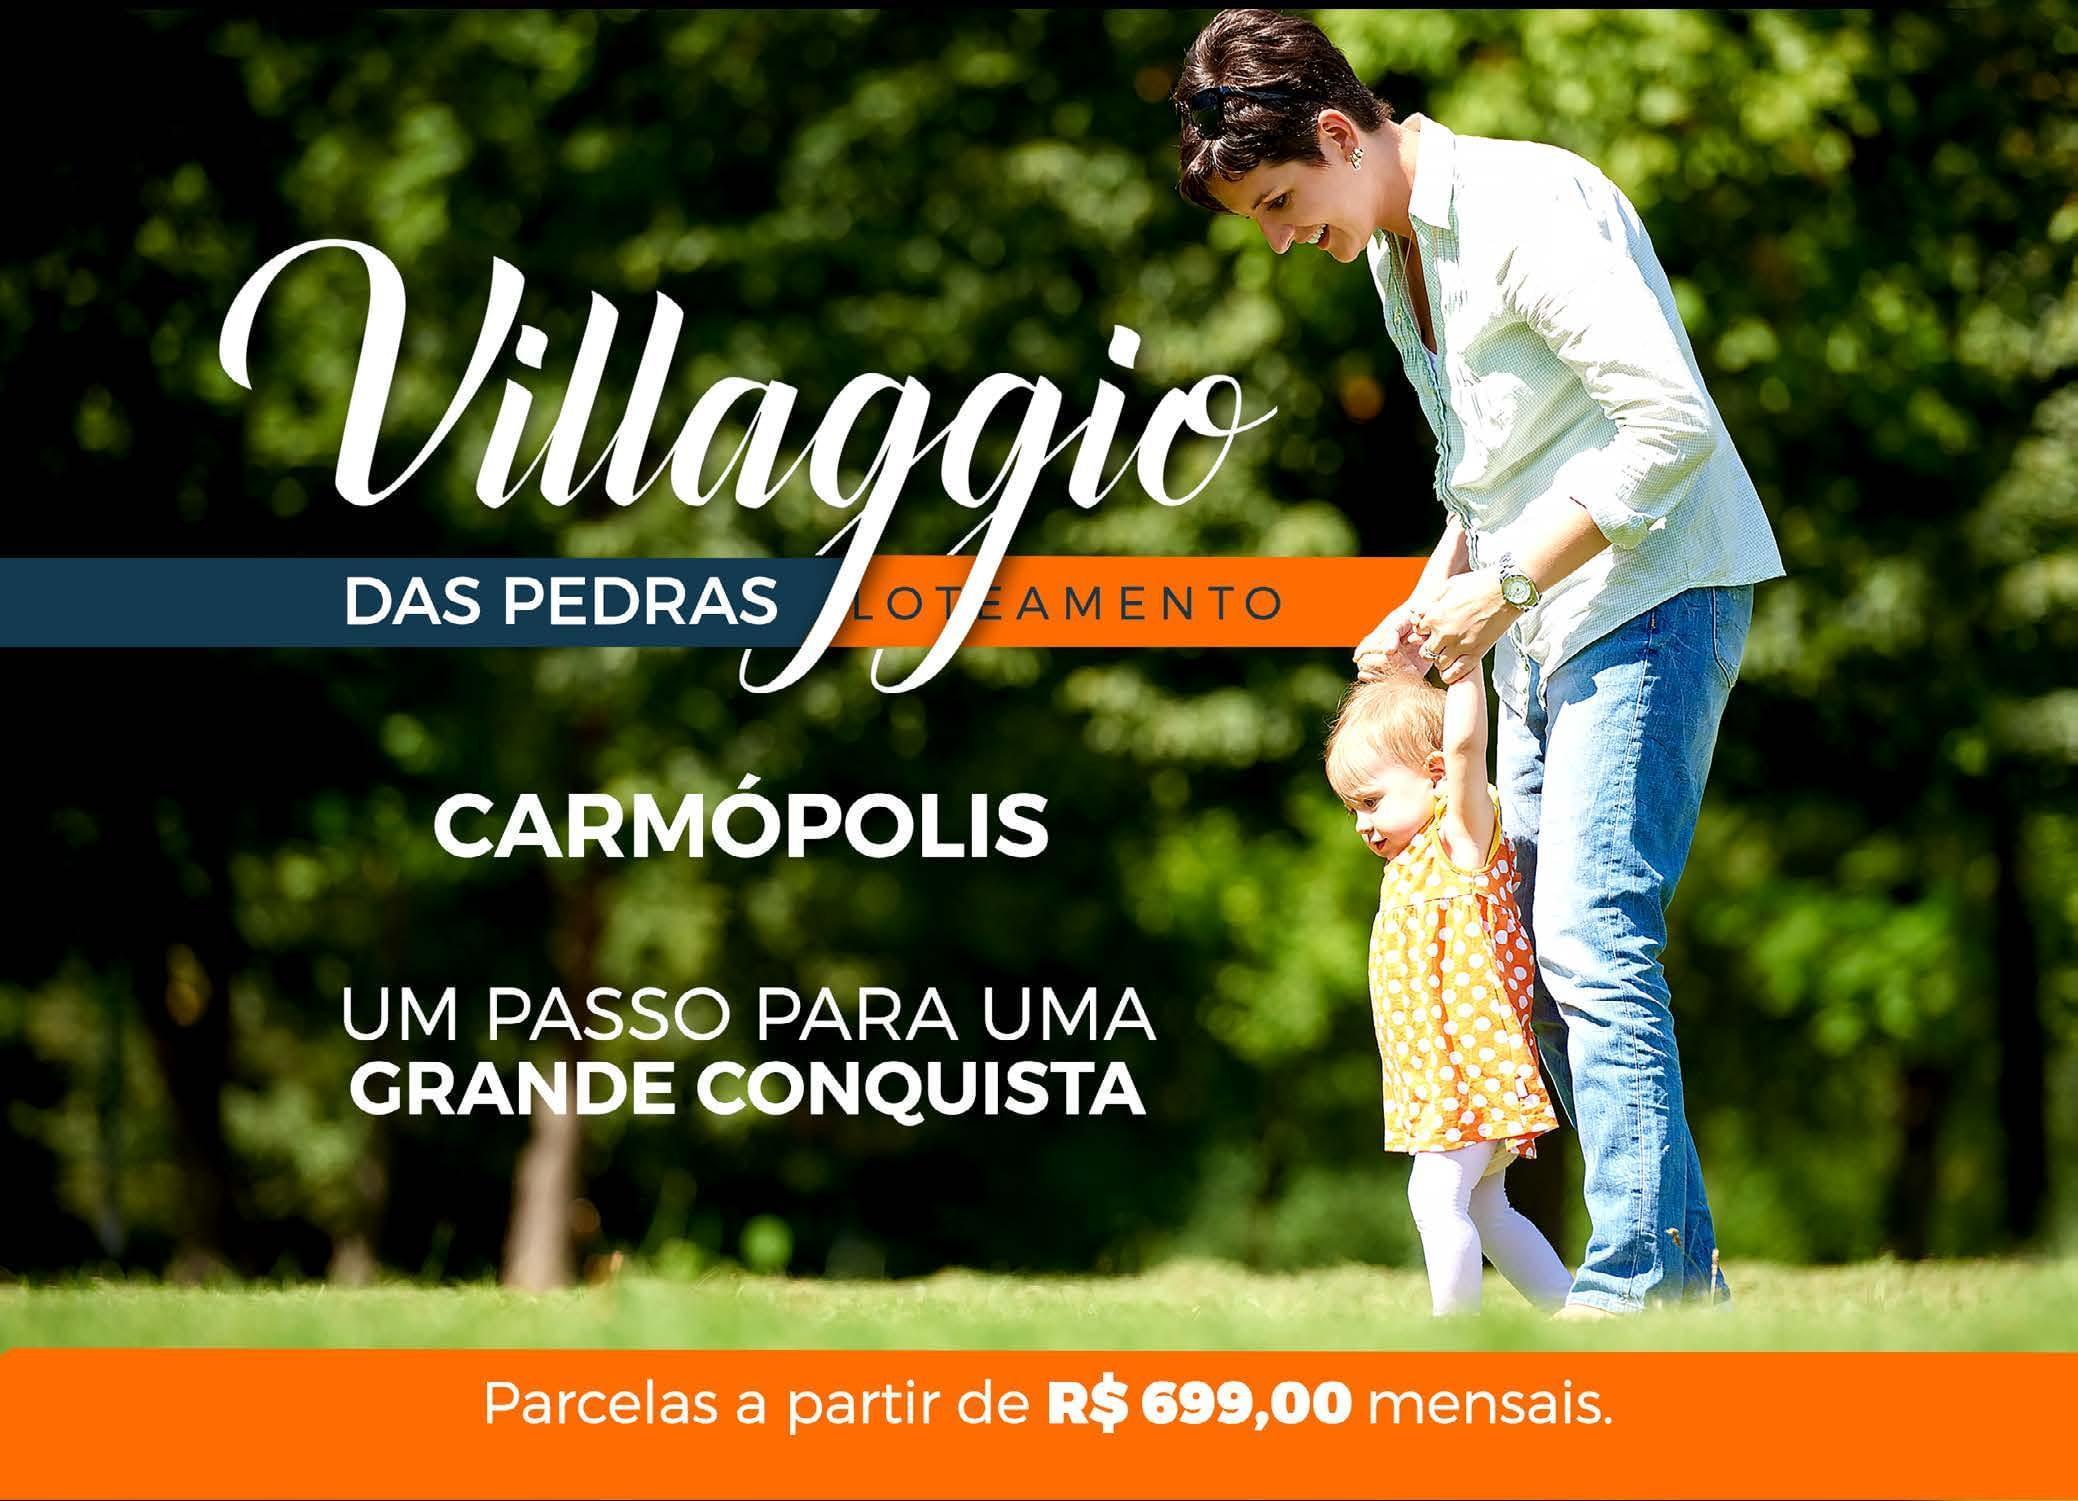 Villaggio das Pedras: um passo para uma grande conquista